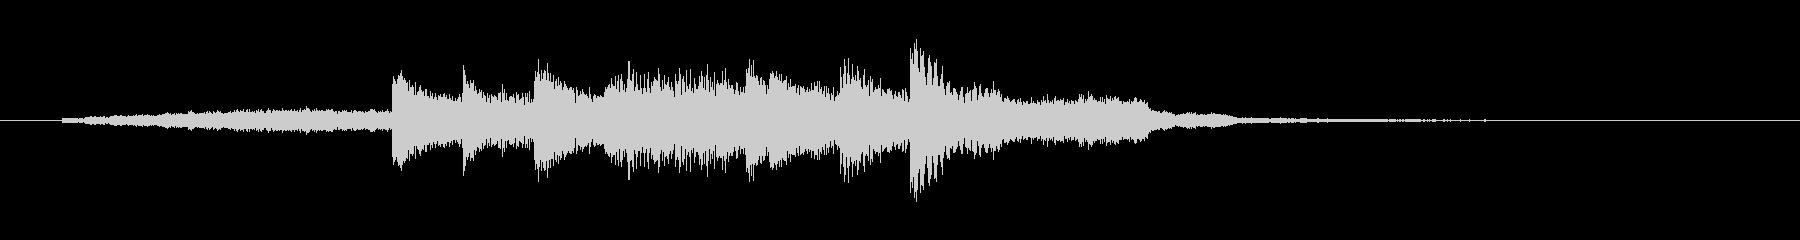 高音質ピアノ都会的BGMスタイリッシュの未再生の波形